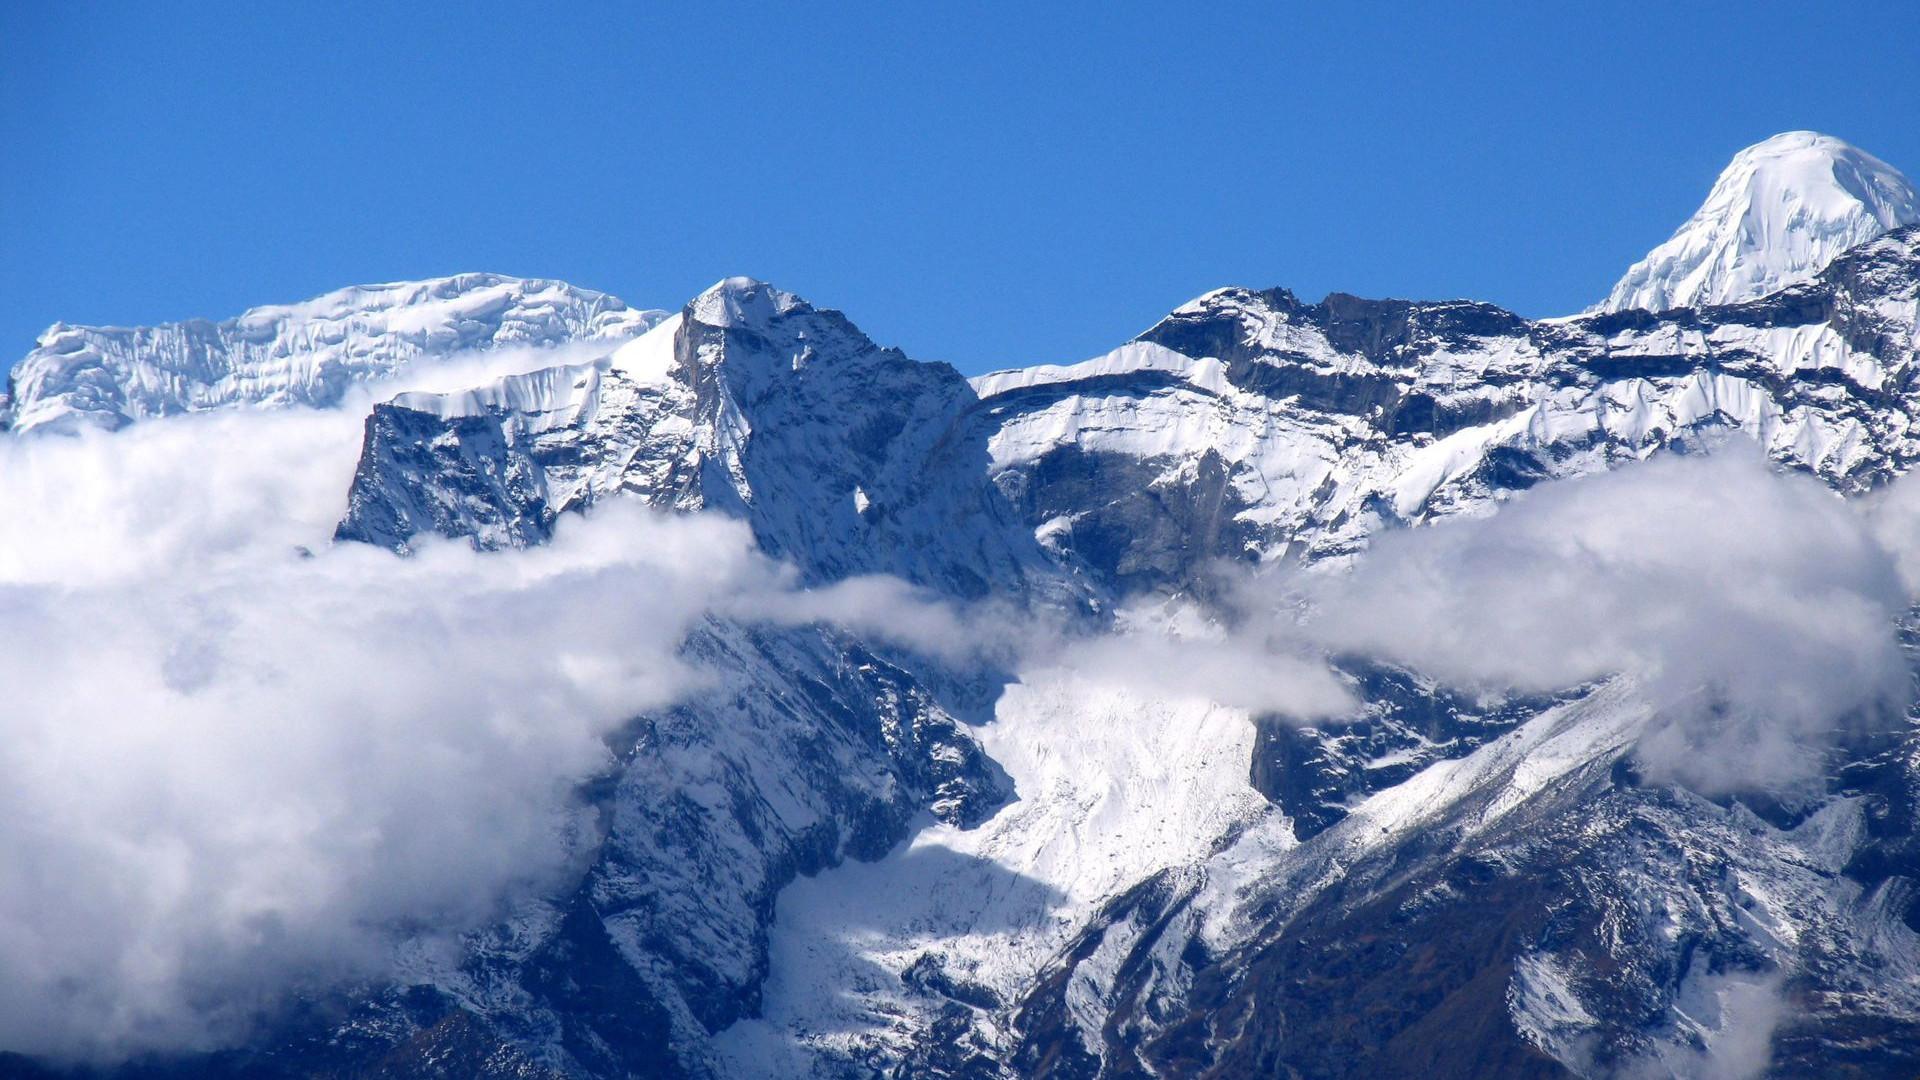 西藏绝美风景图片 高清西藏风景图片素材下载